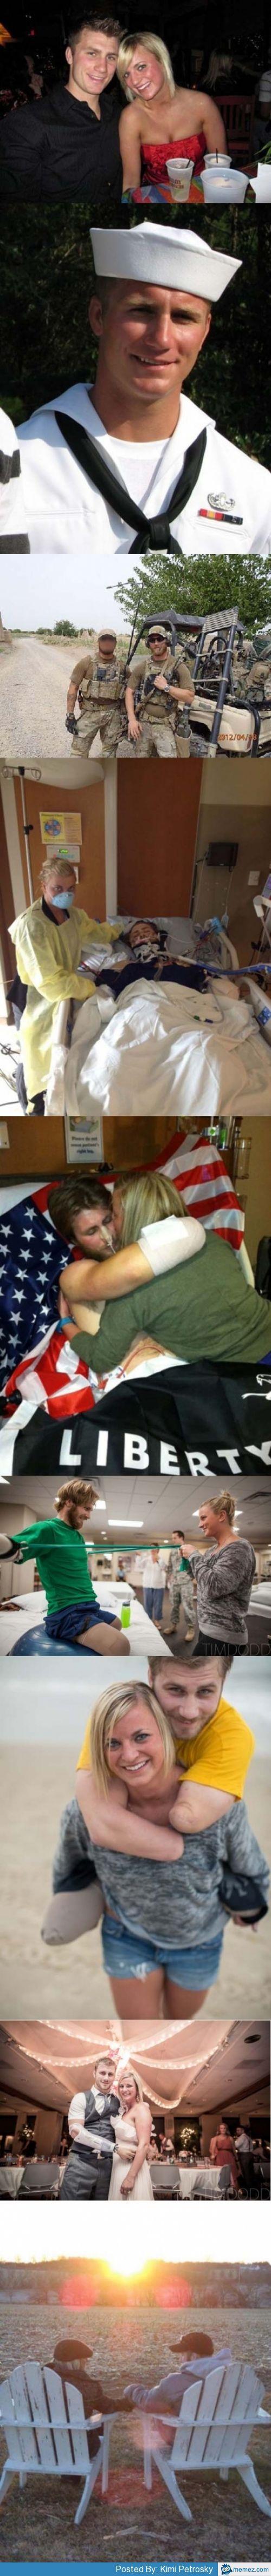 Make You Think, Staying Together, Injury, Veteran, War